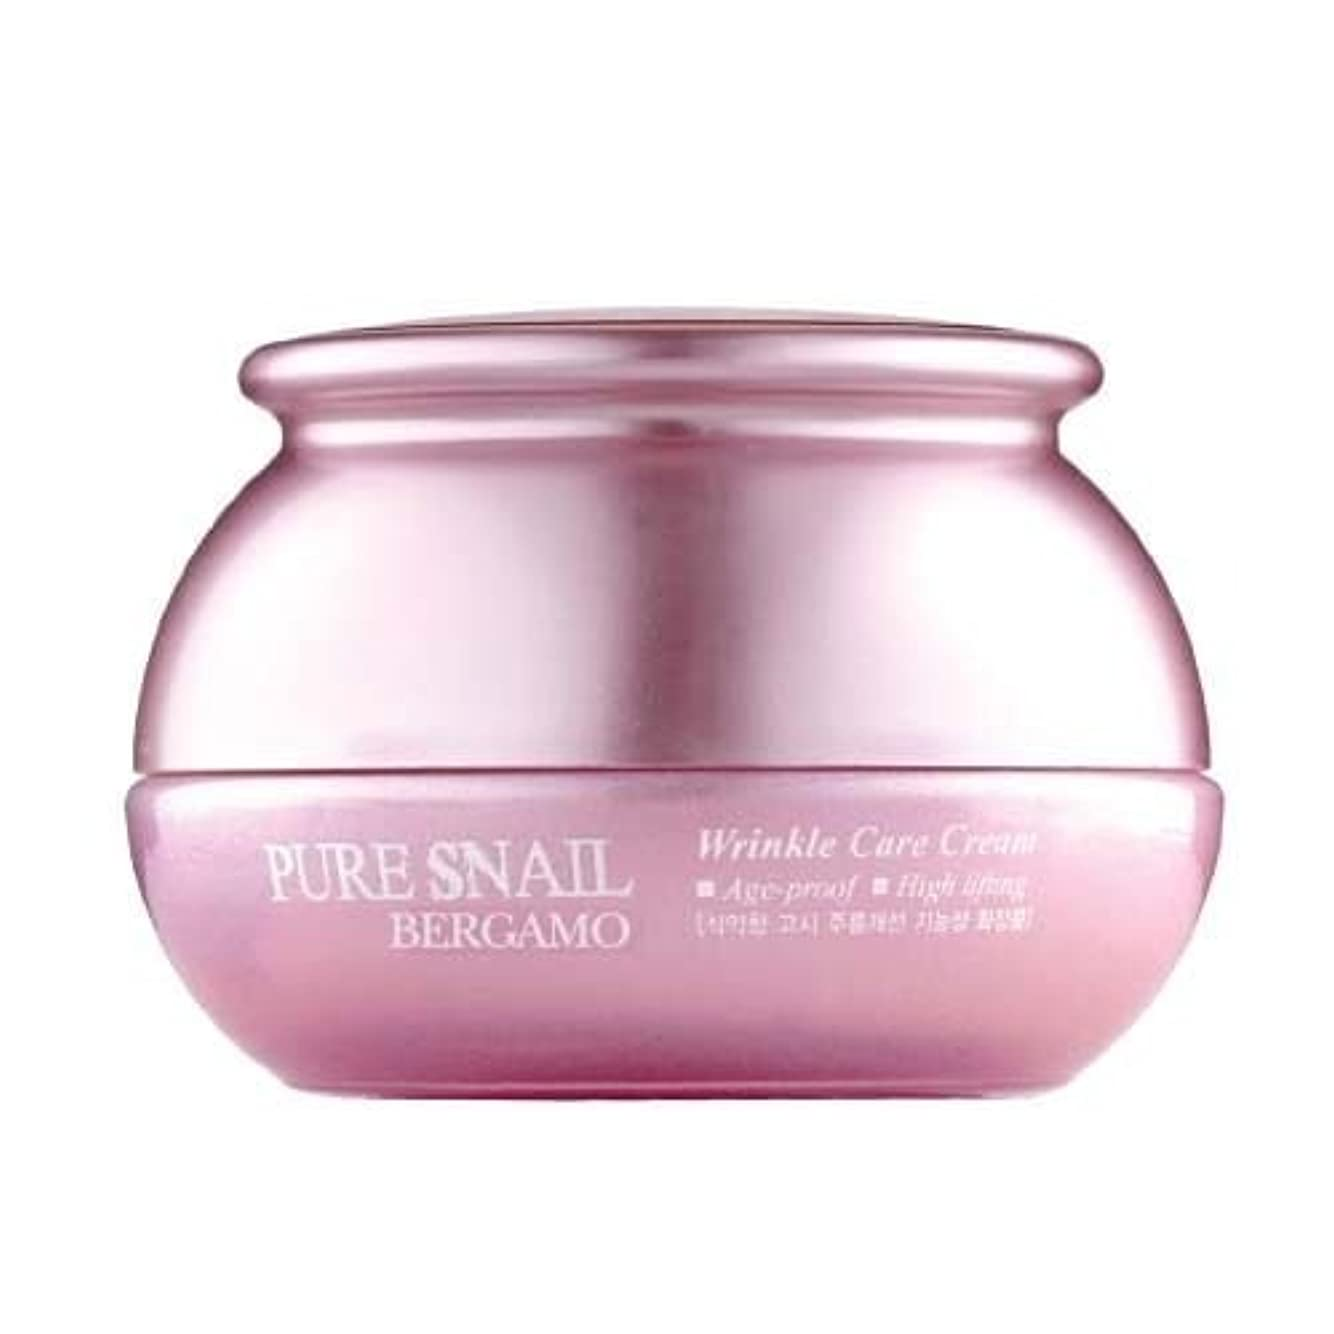 ラッシュ次白雪姫ベルガモ[韓国コスメBergamo]Pure Snail Wrinkle Care Cream カタツムリリンクルケアクリーム50ml しわ管理 [並行輸入品]